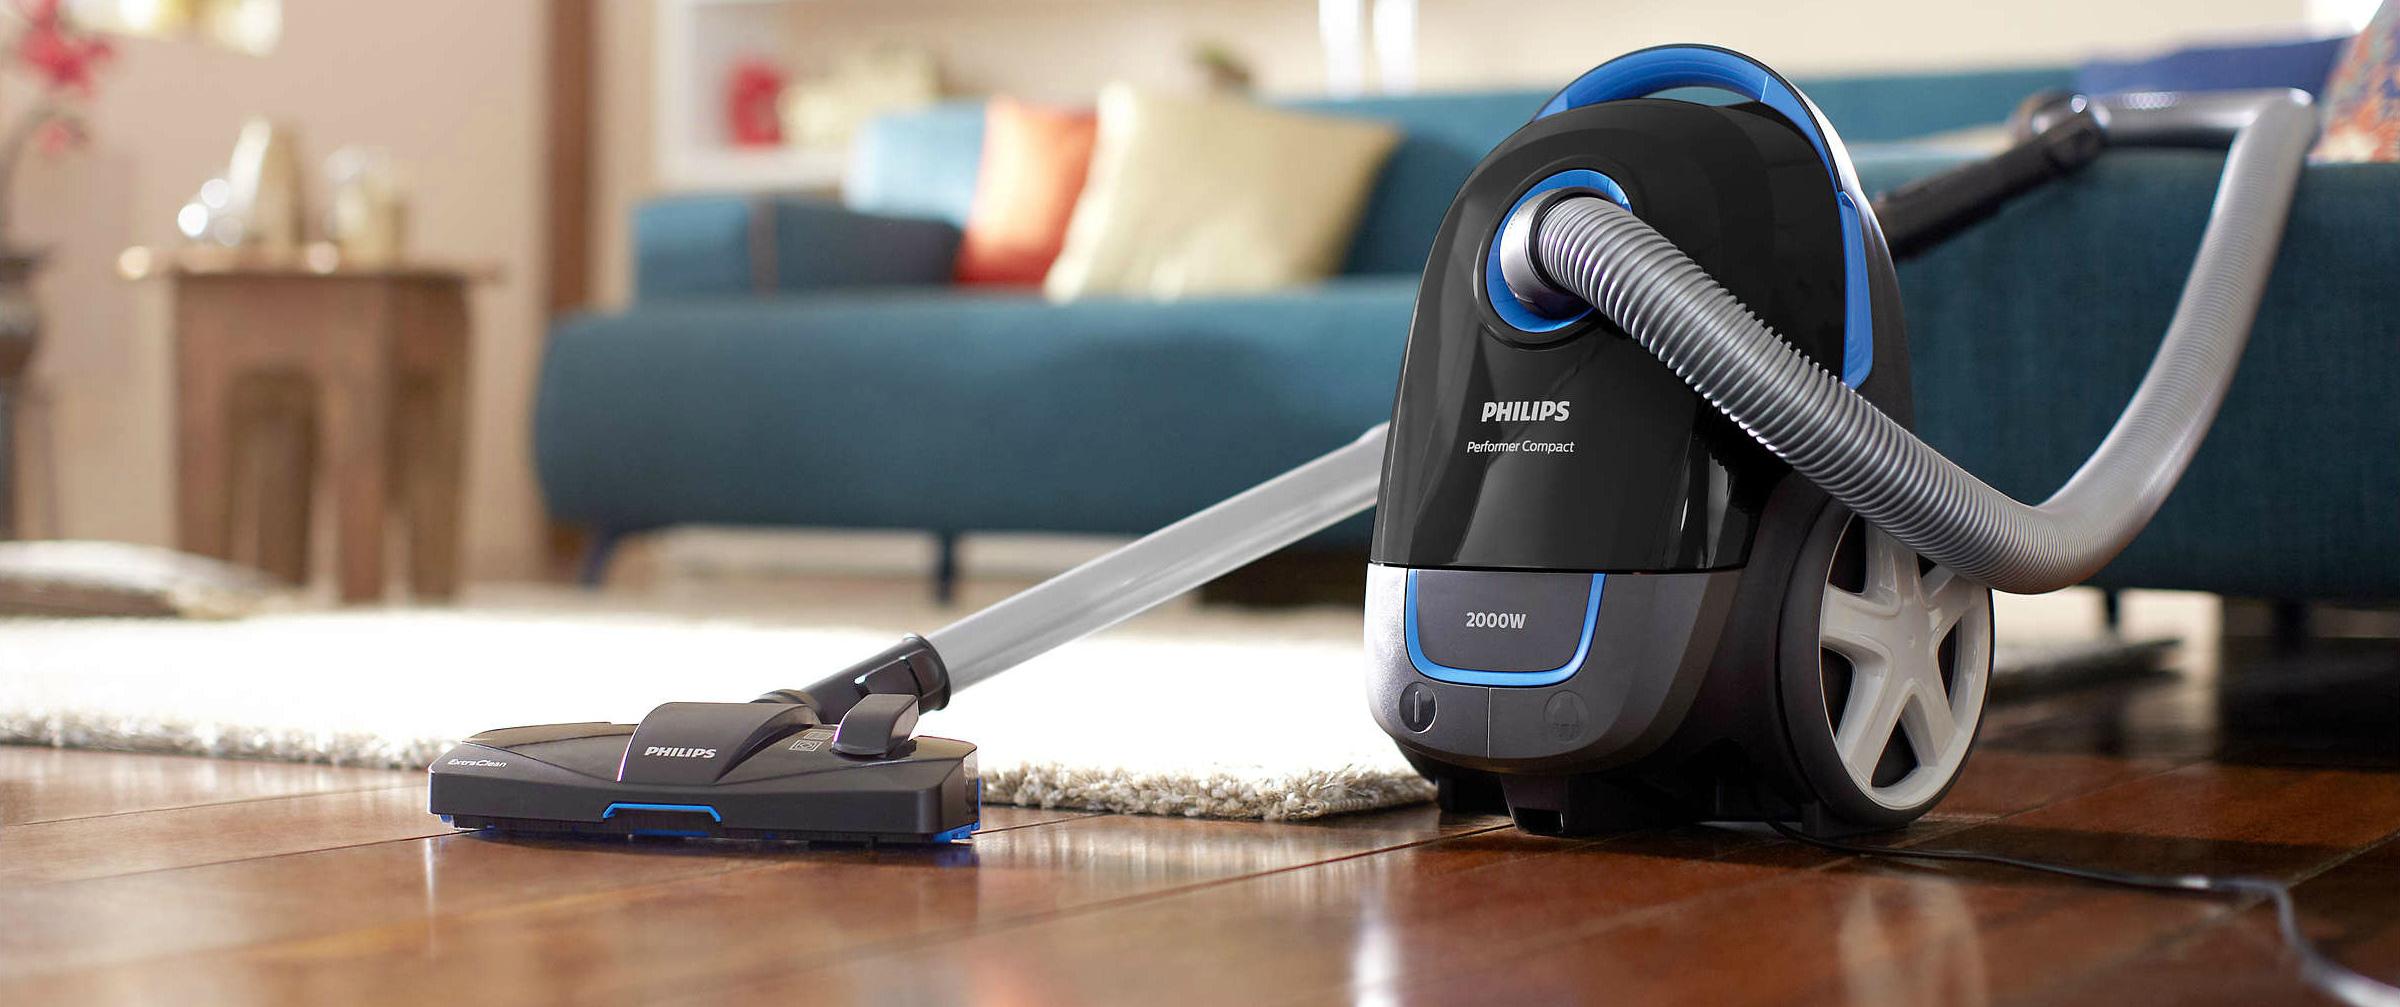 Выбираем правильный пылесос для квартиры и дома — советы и рекомендации